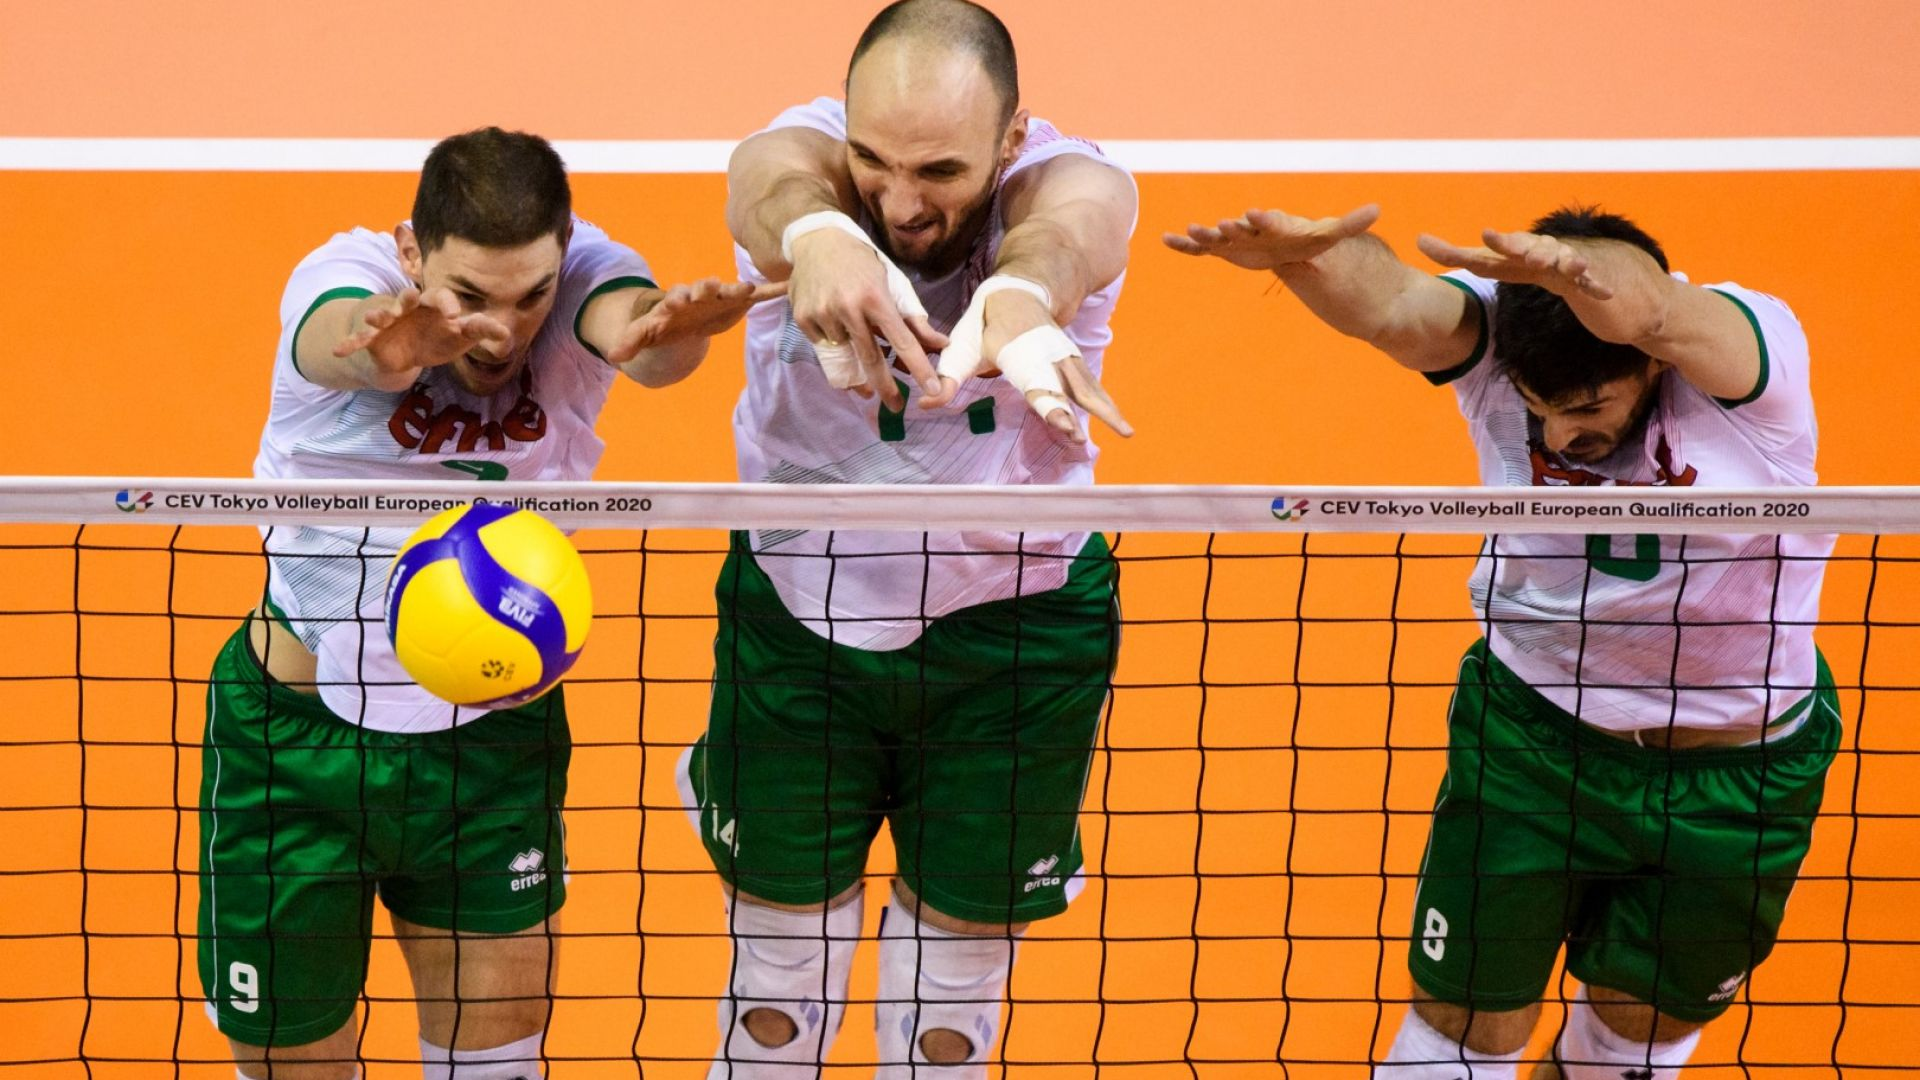 Жребий прати волейболистите на евроквалификация в Израел